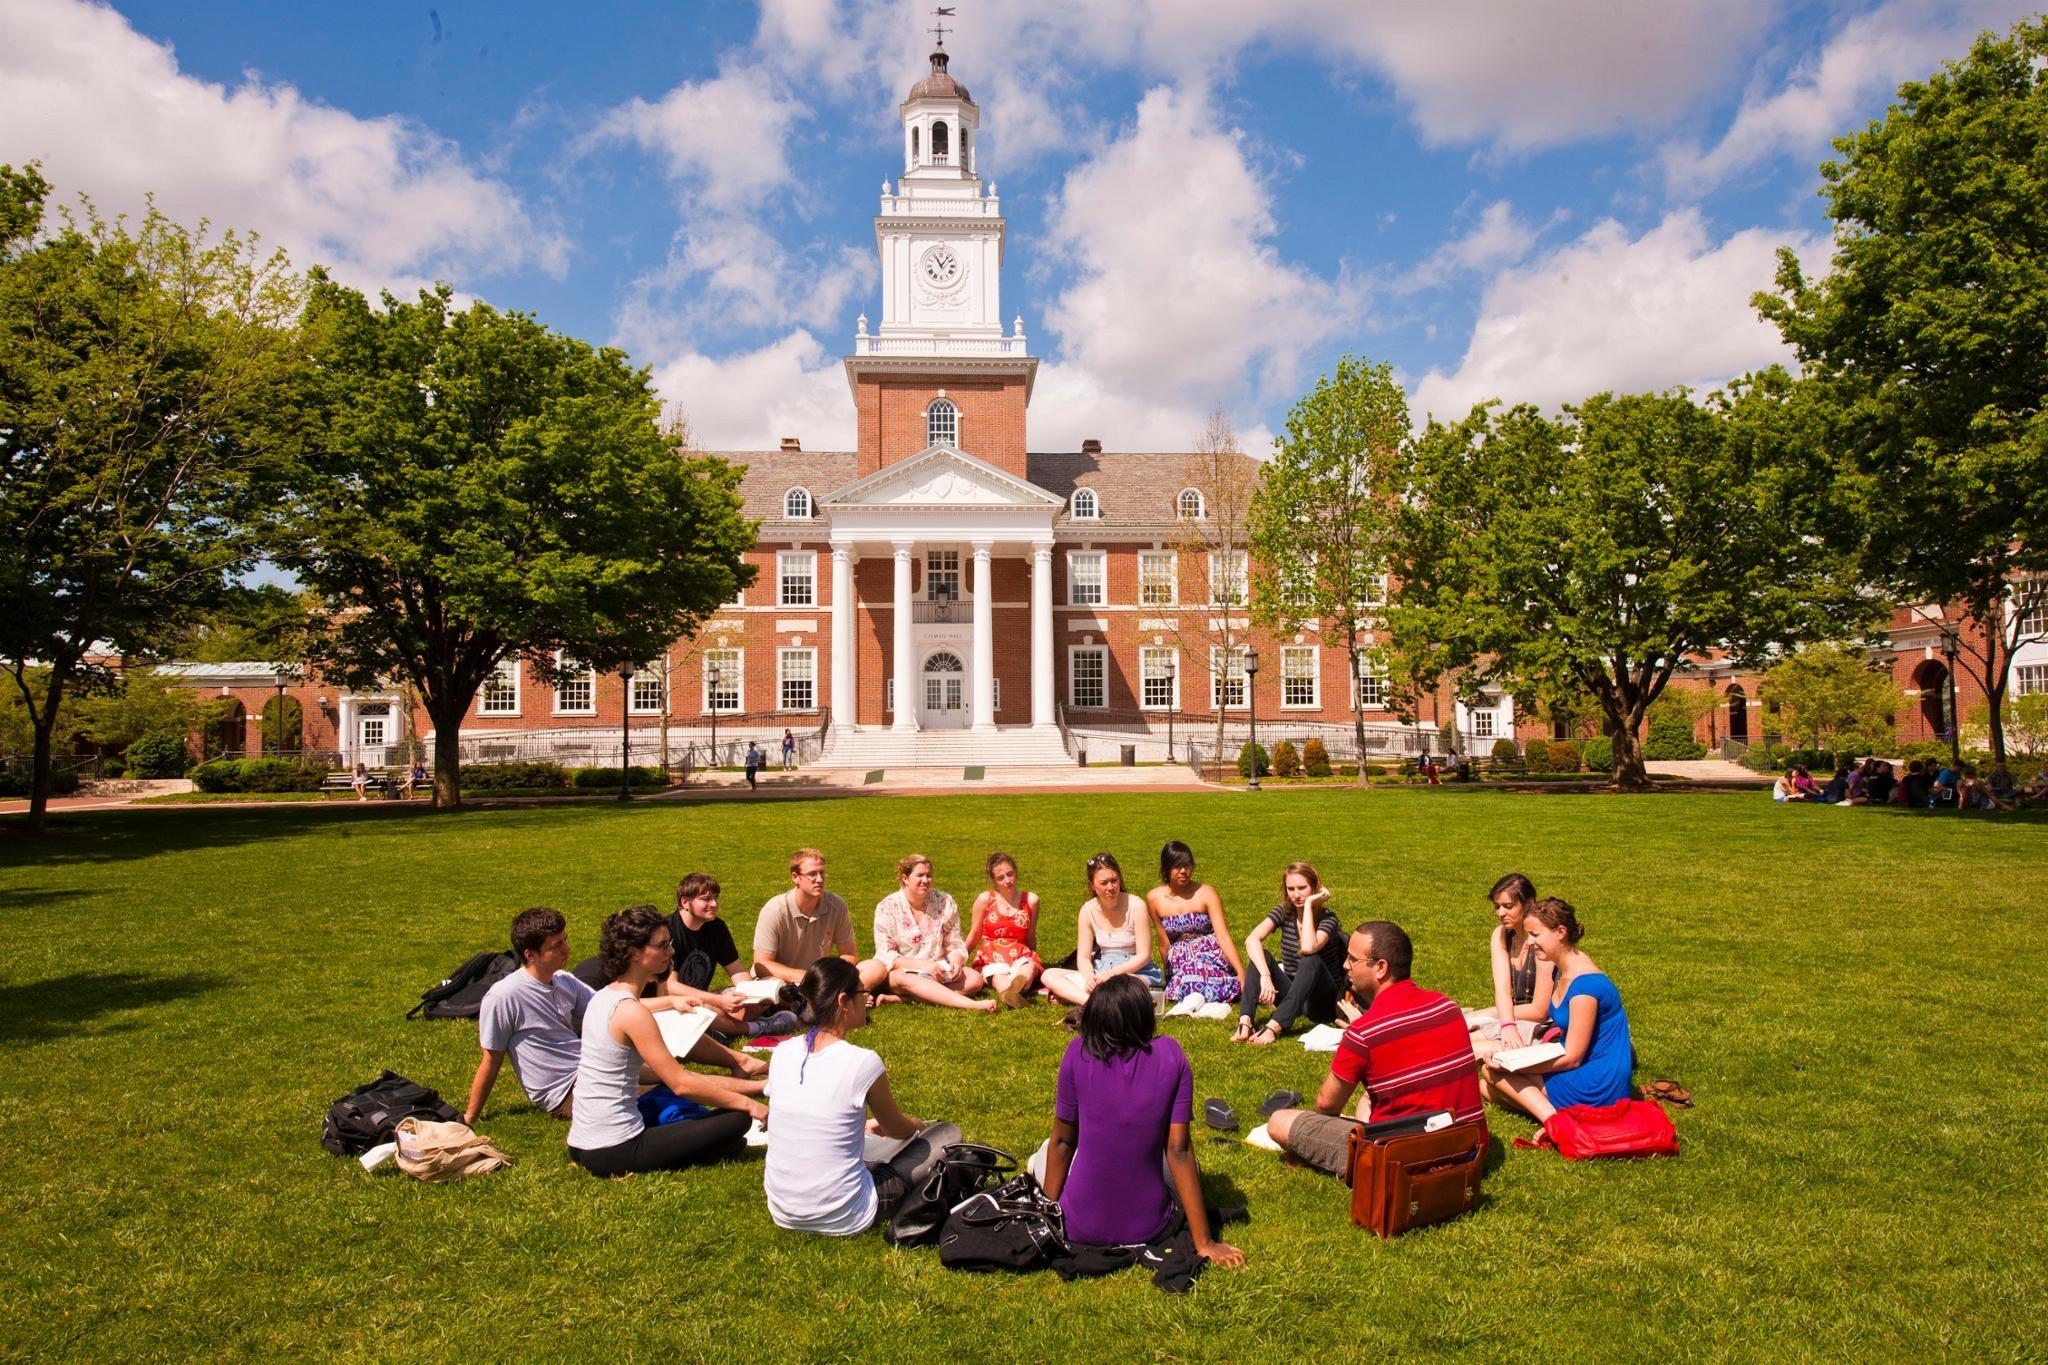 JHU約翰霍普金斯大學 - 美國現代大學的開創者,公衛以及醫學全美頂尖